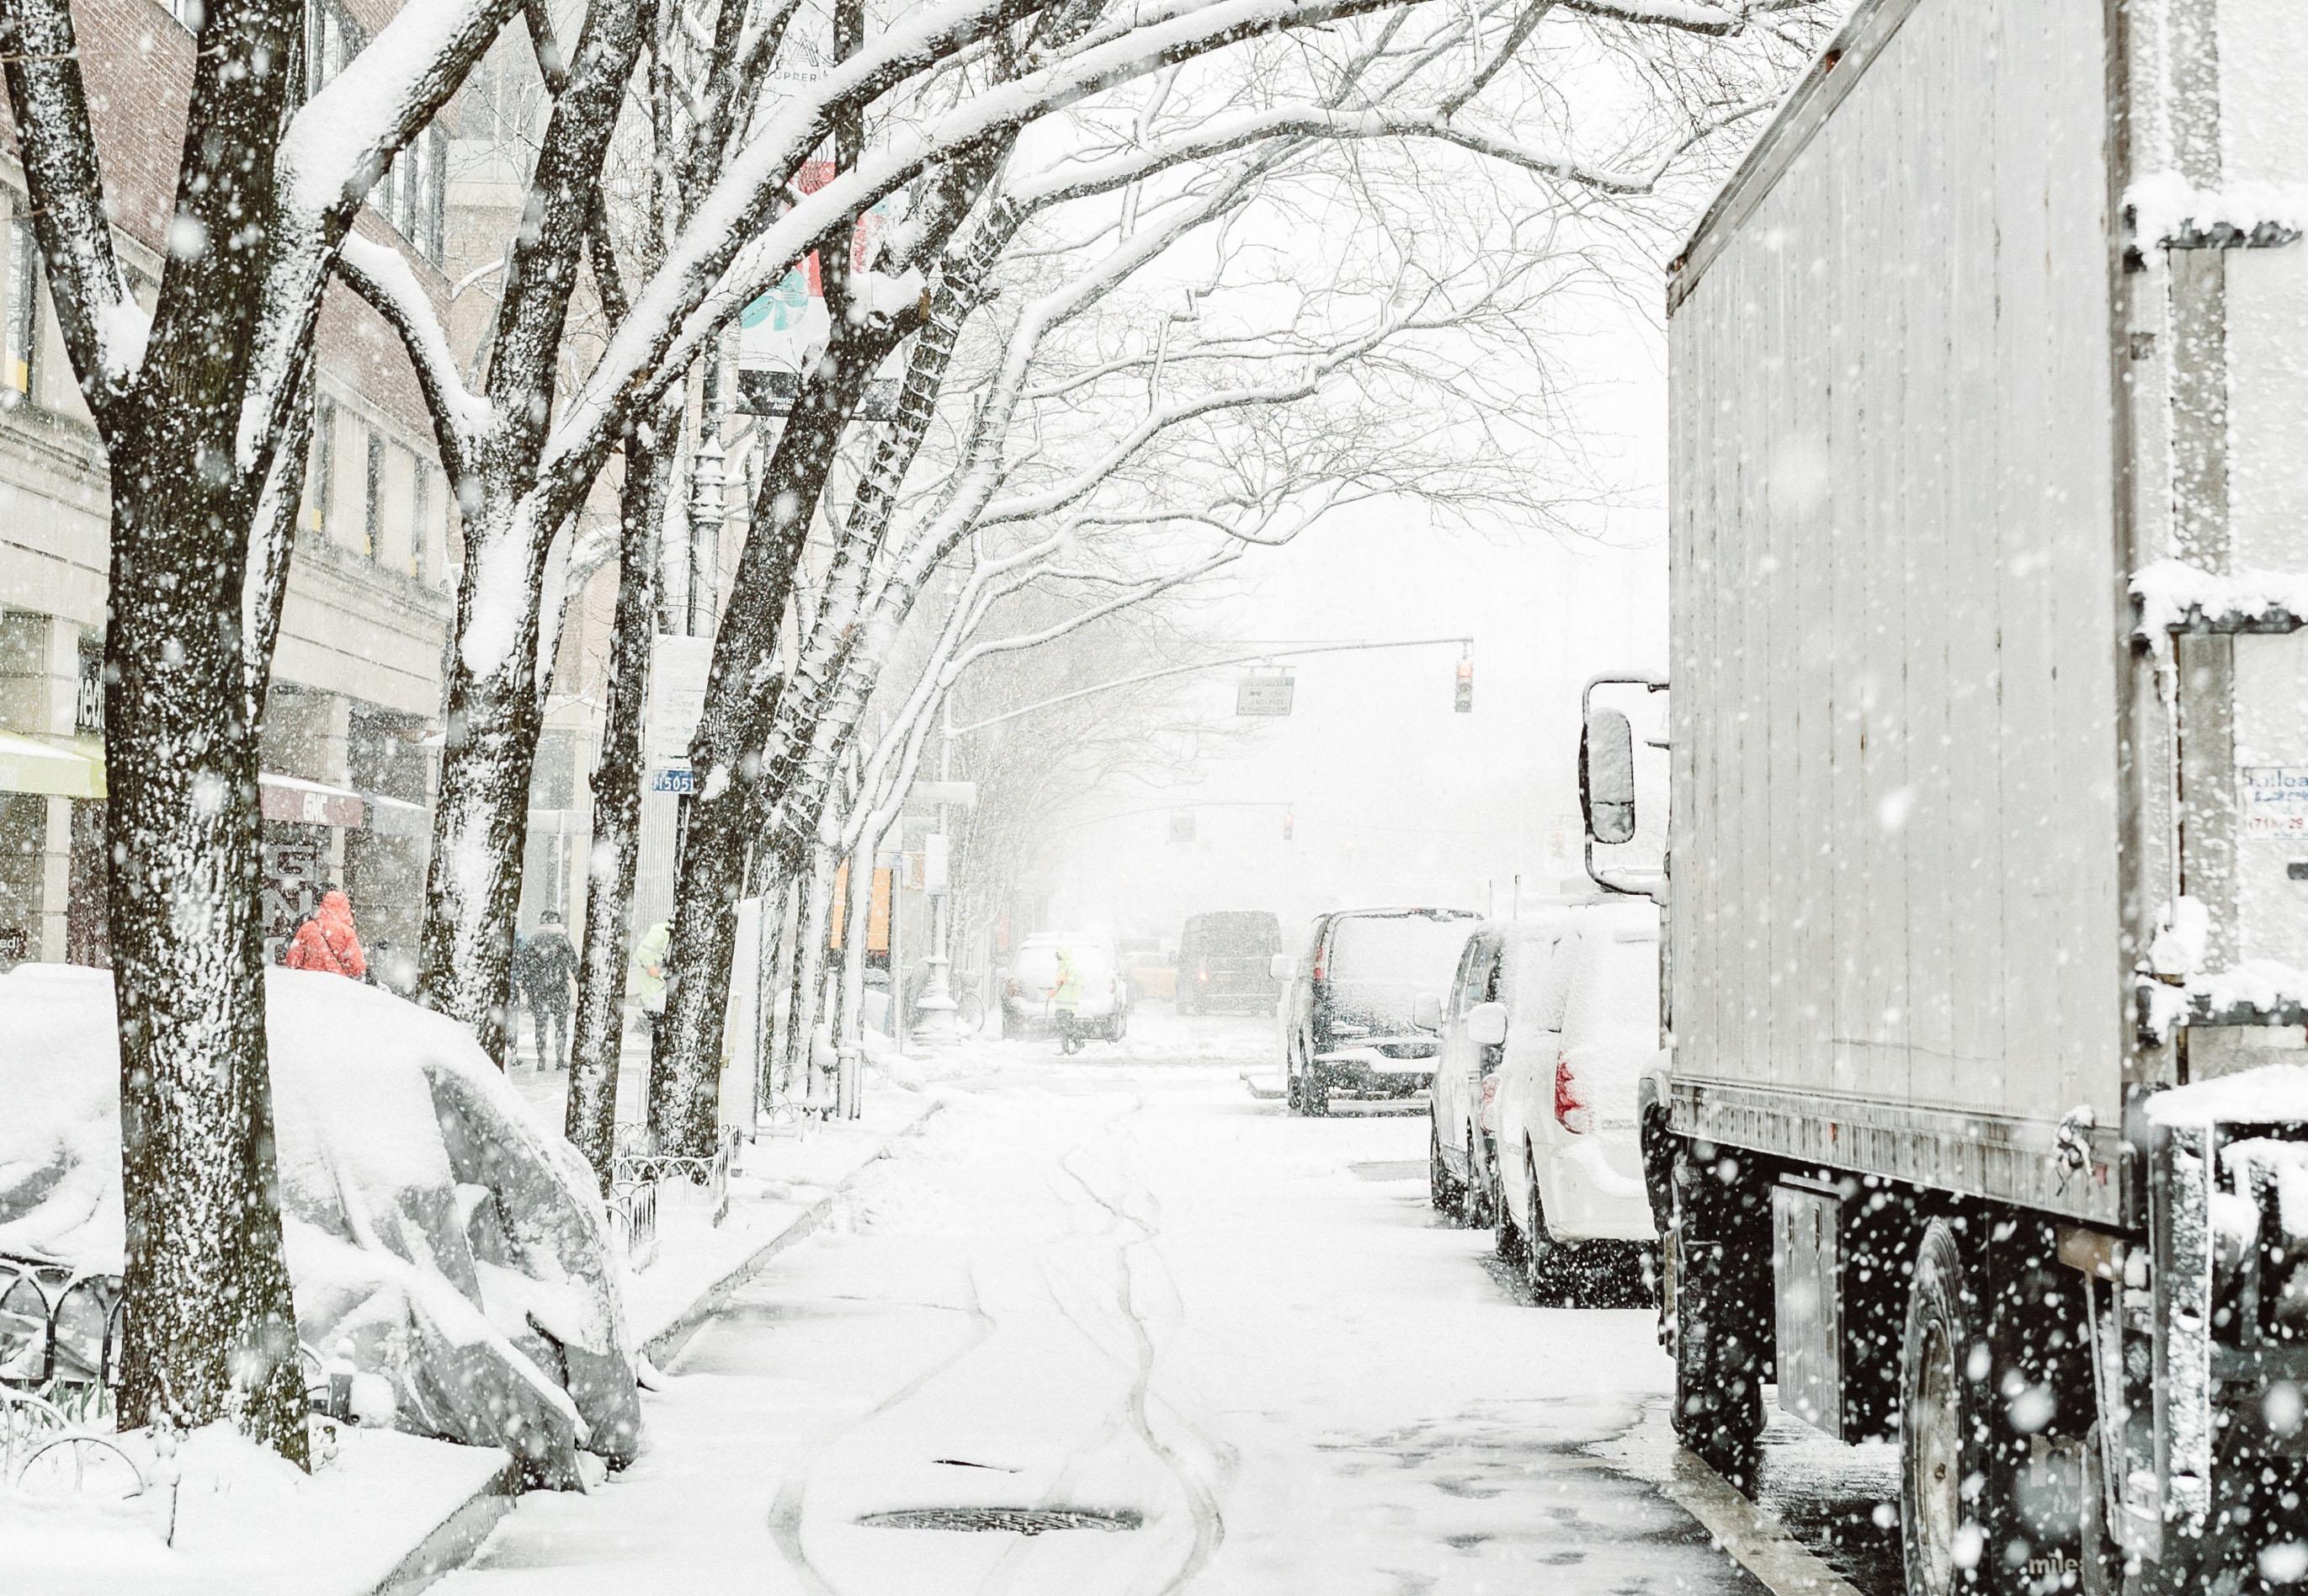 日本気象協会から公開シンポジウムのご案内 ~極端気象時の北海道への物流の確保・連携を考える~